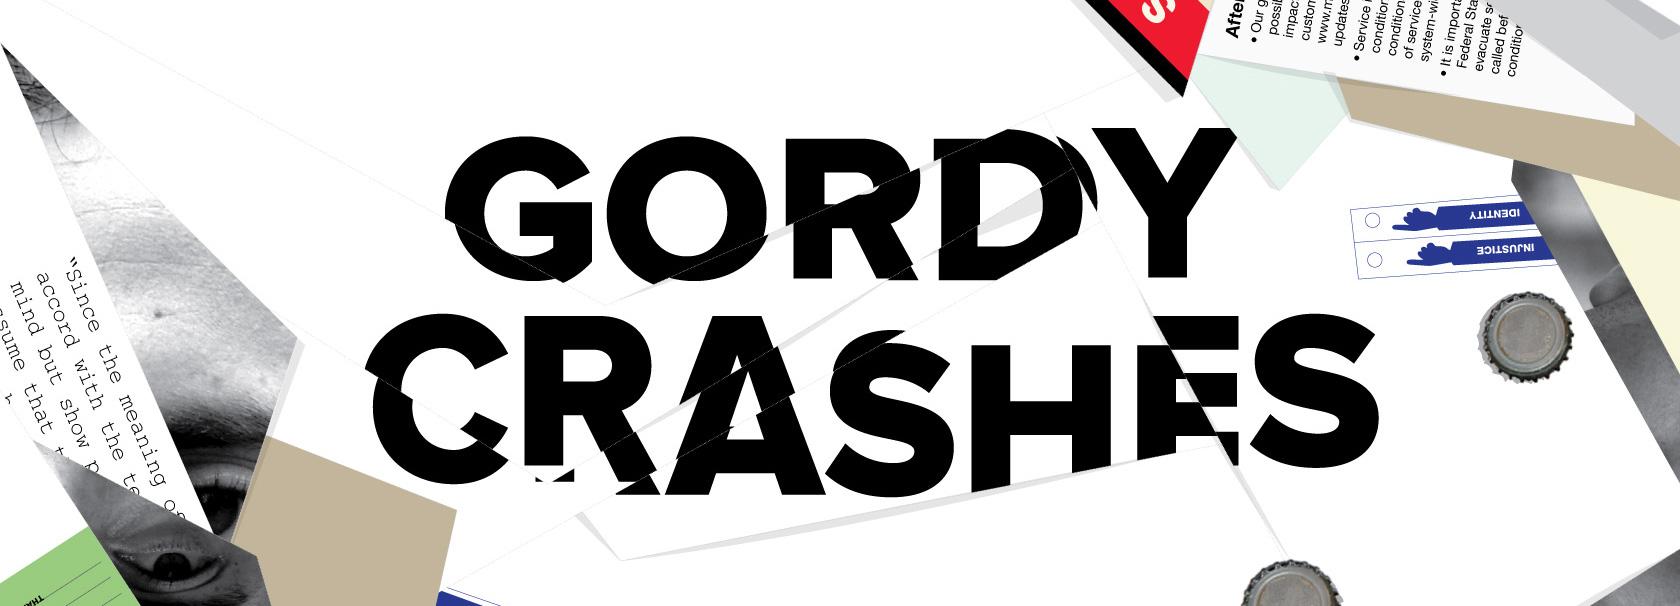 Gordy Crashes